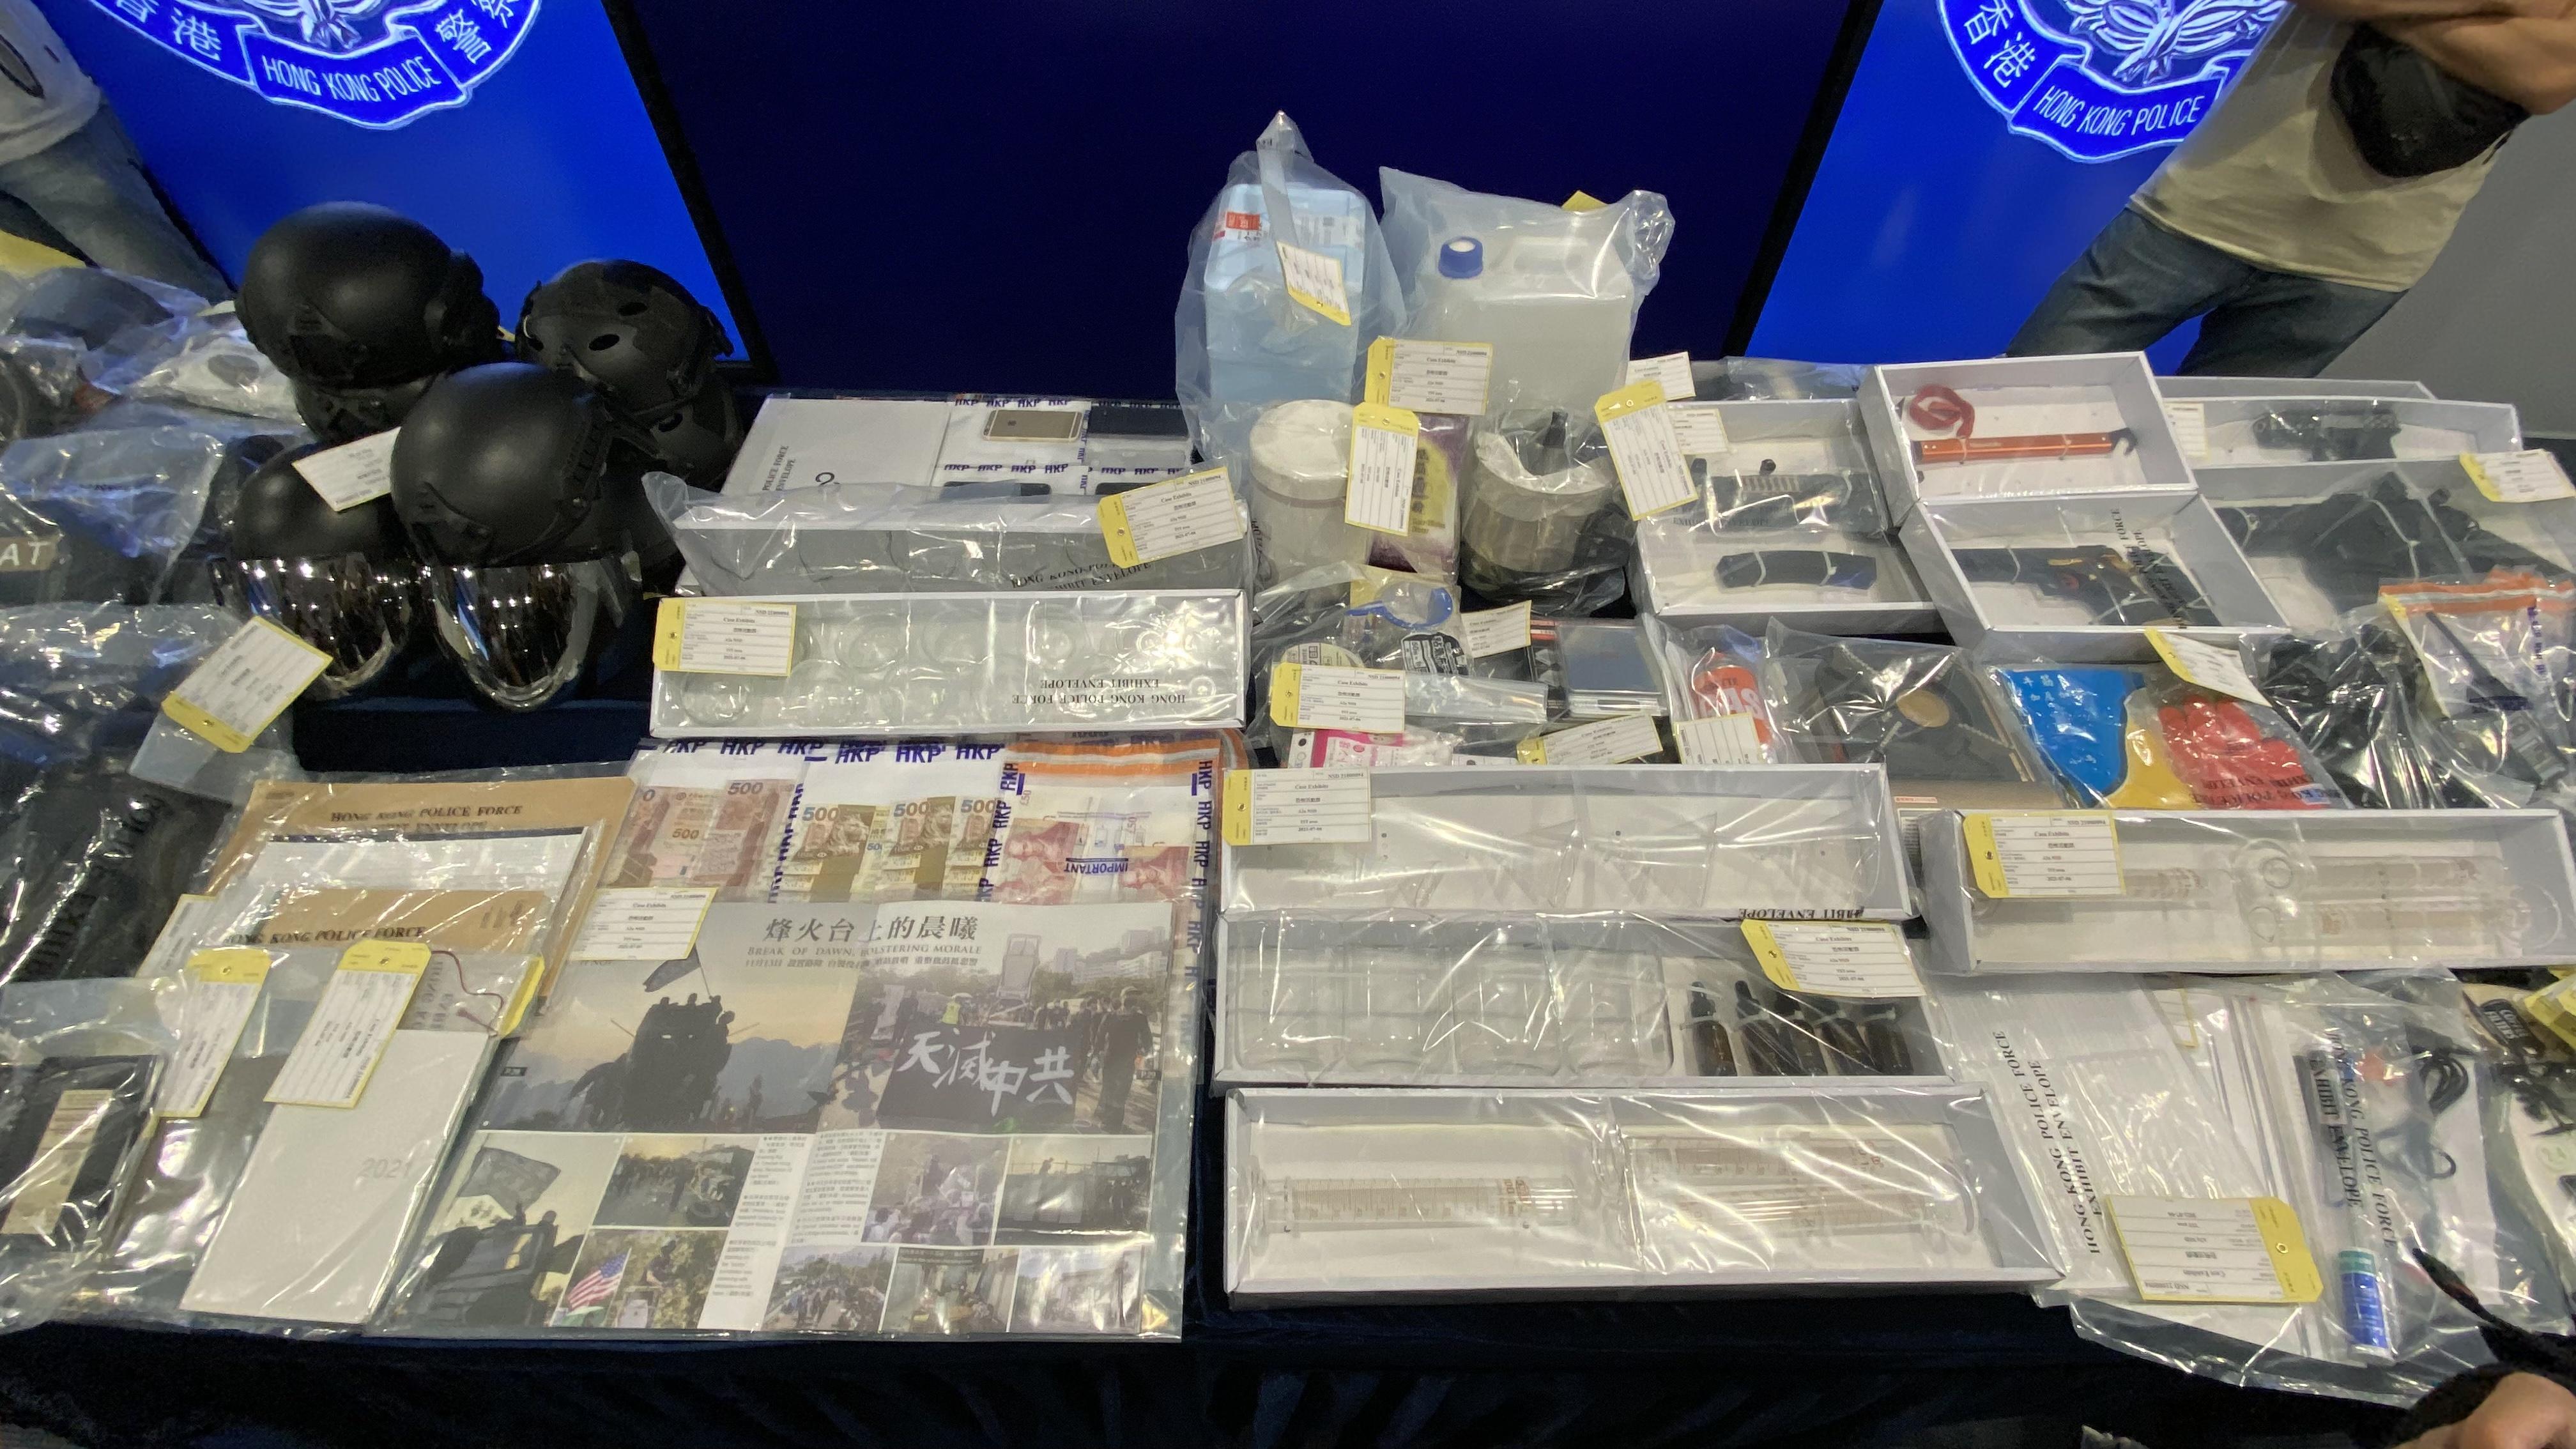 行动中,警方检获制作TATP炸药的工具、气枪、反送中文宣等。(邓颖韬 摄)